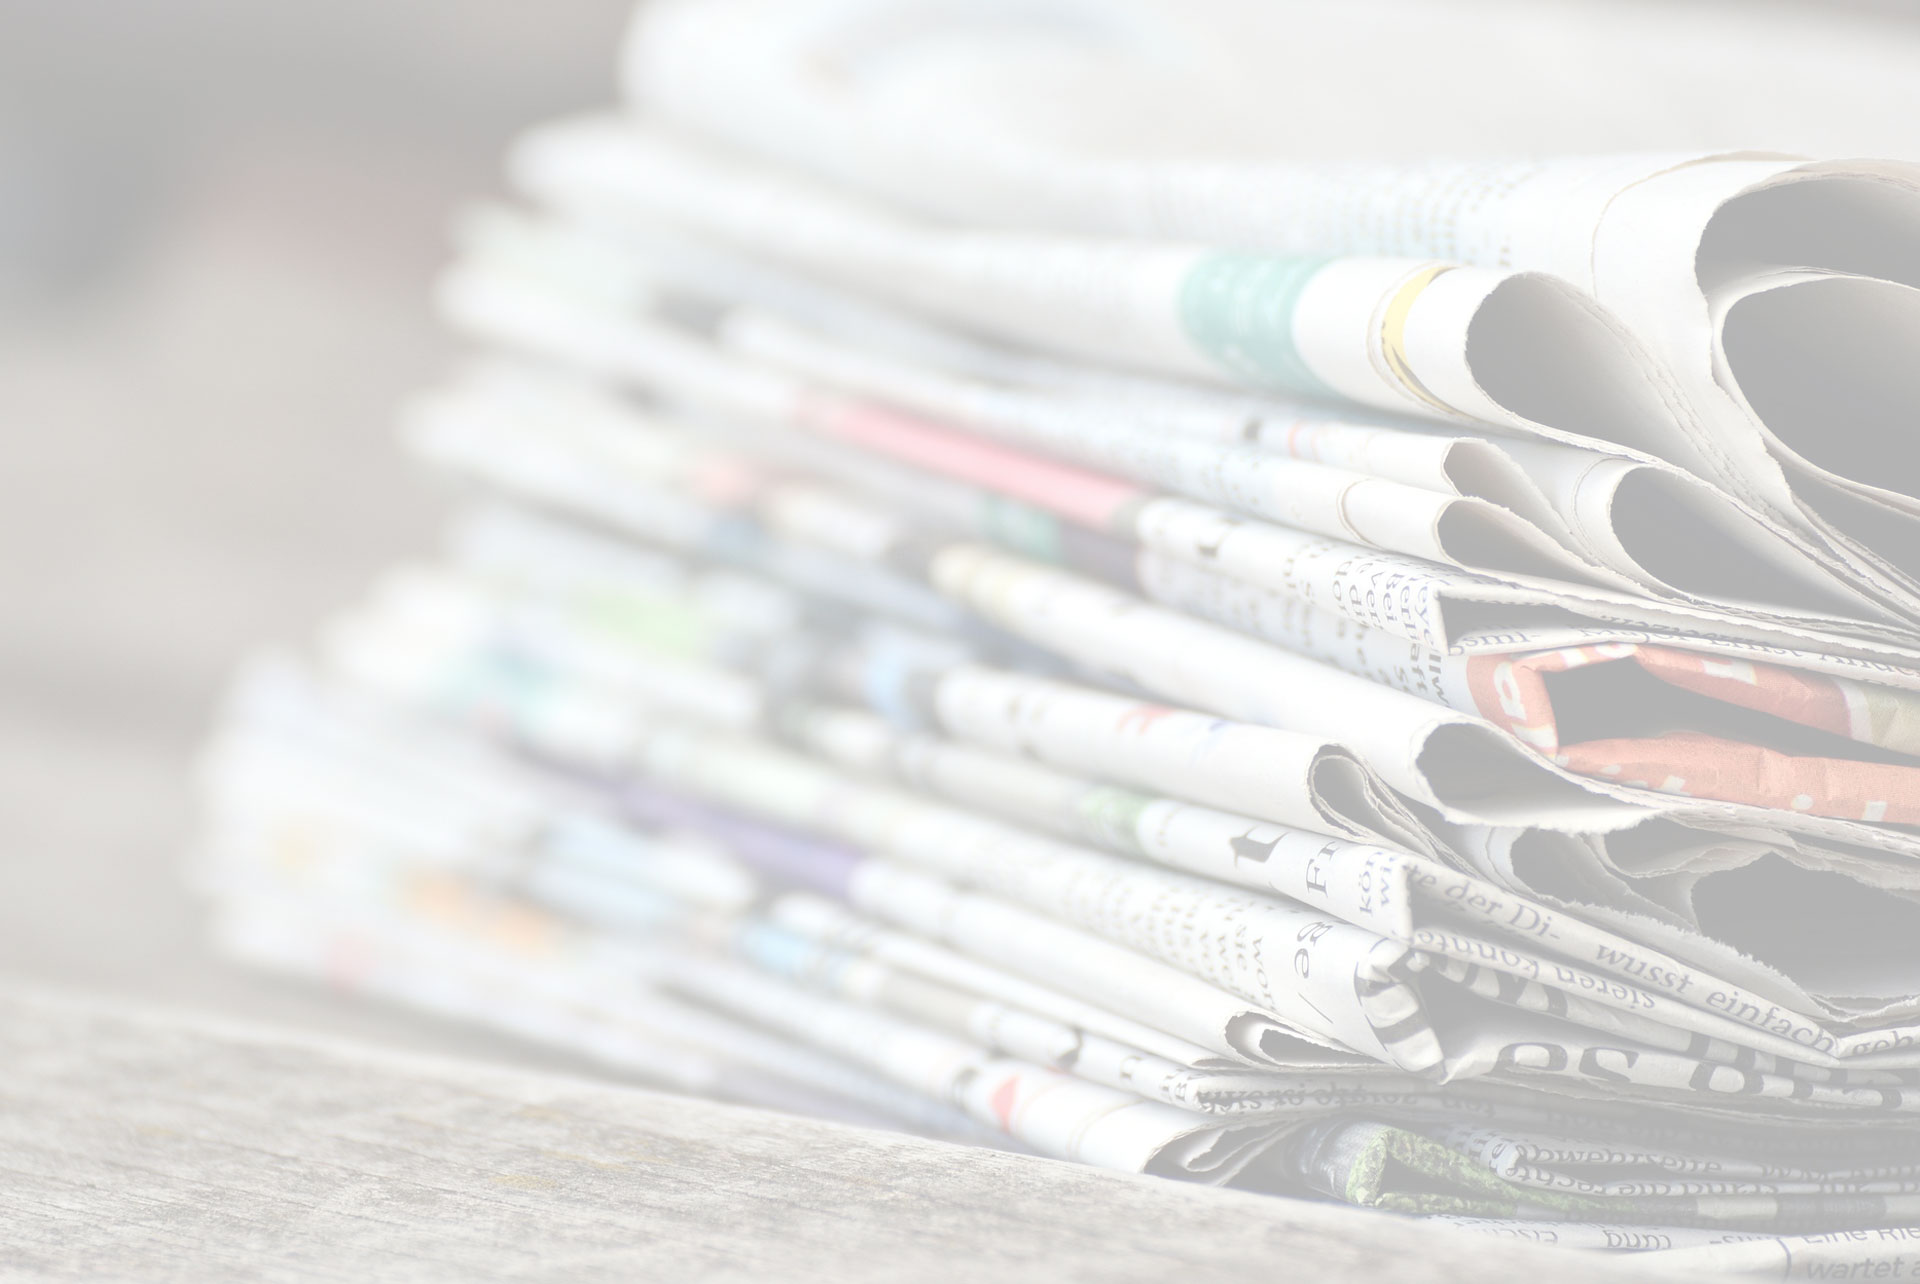 Emilia Romagna, la Lega perde anche a Bibbiano: l'analisi de